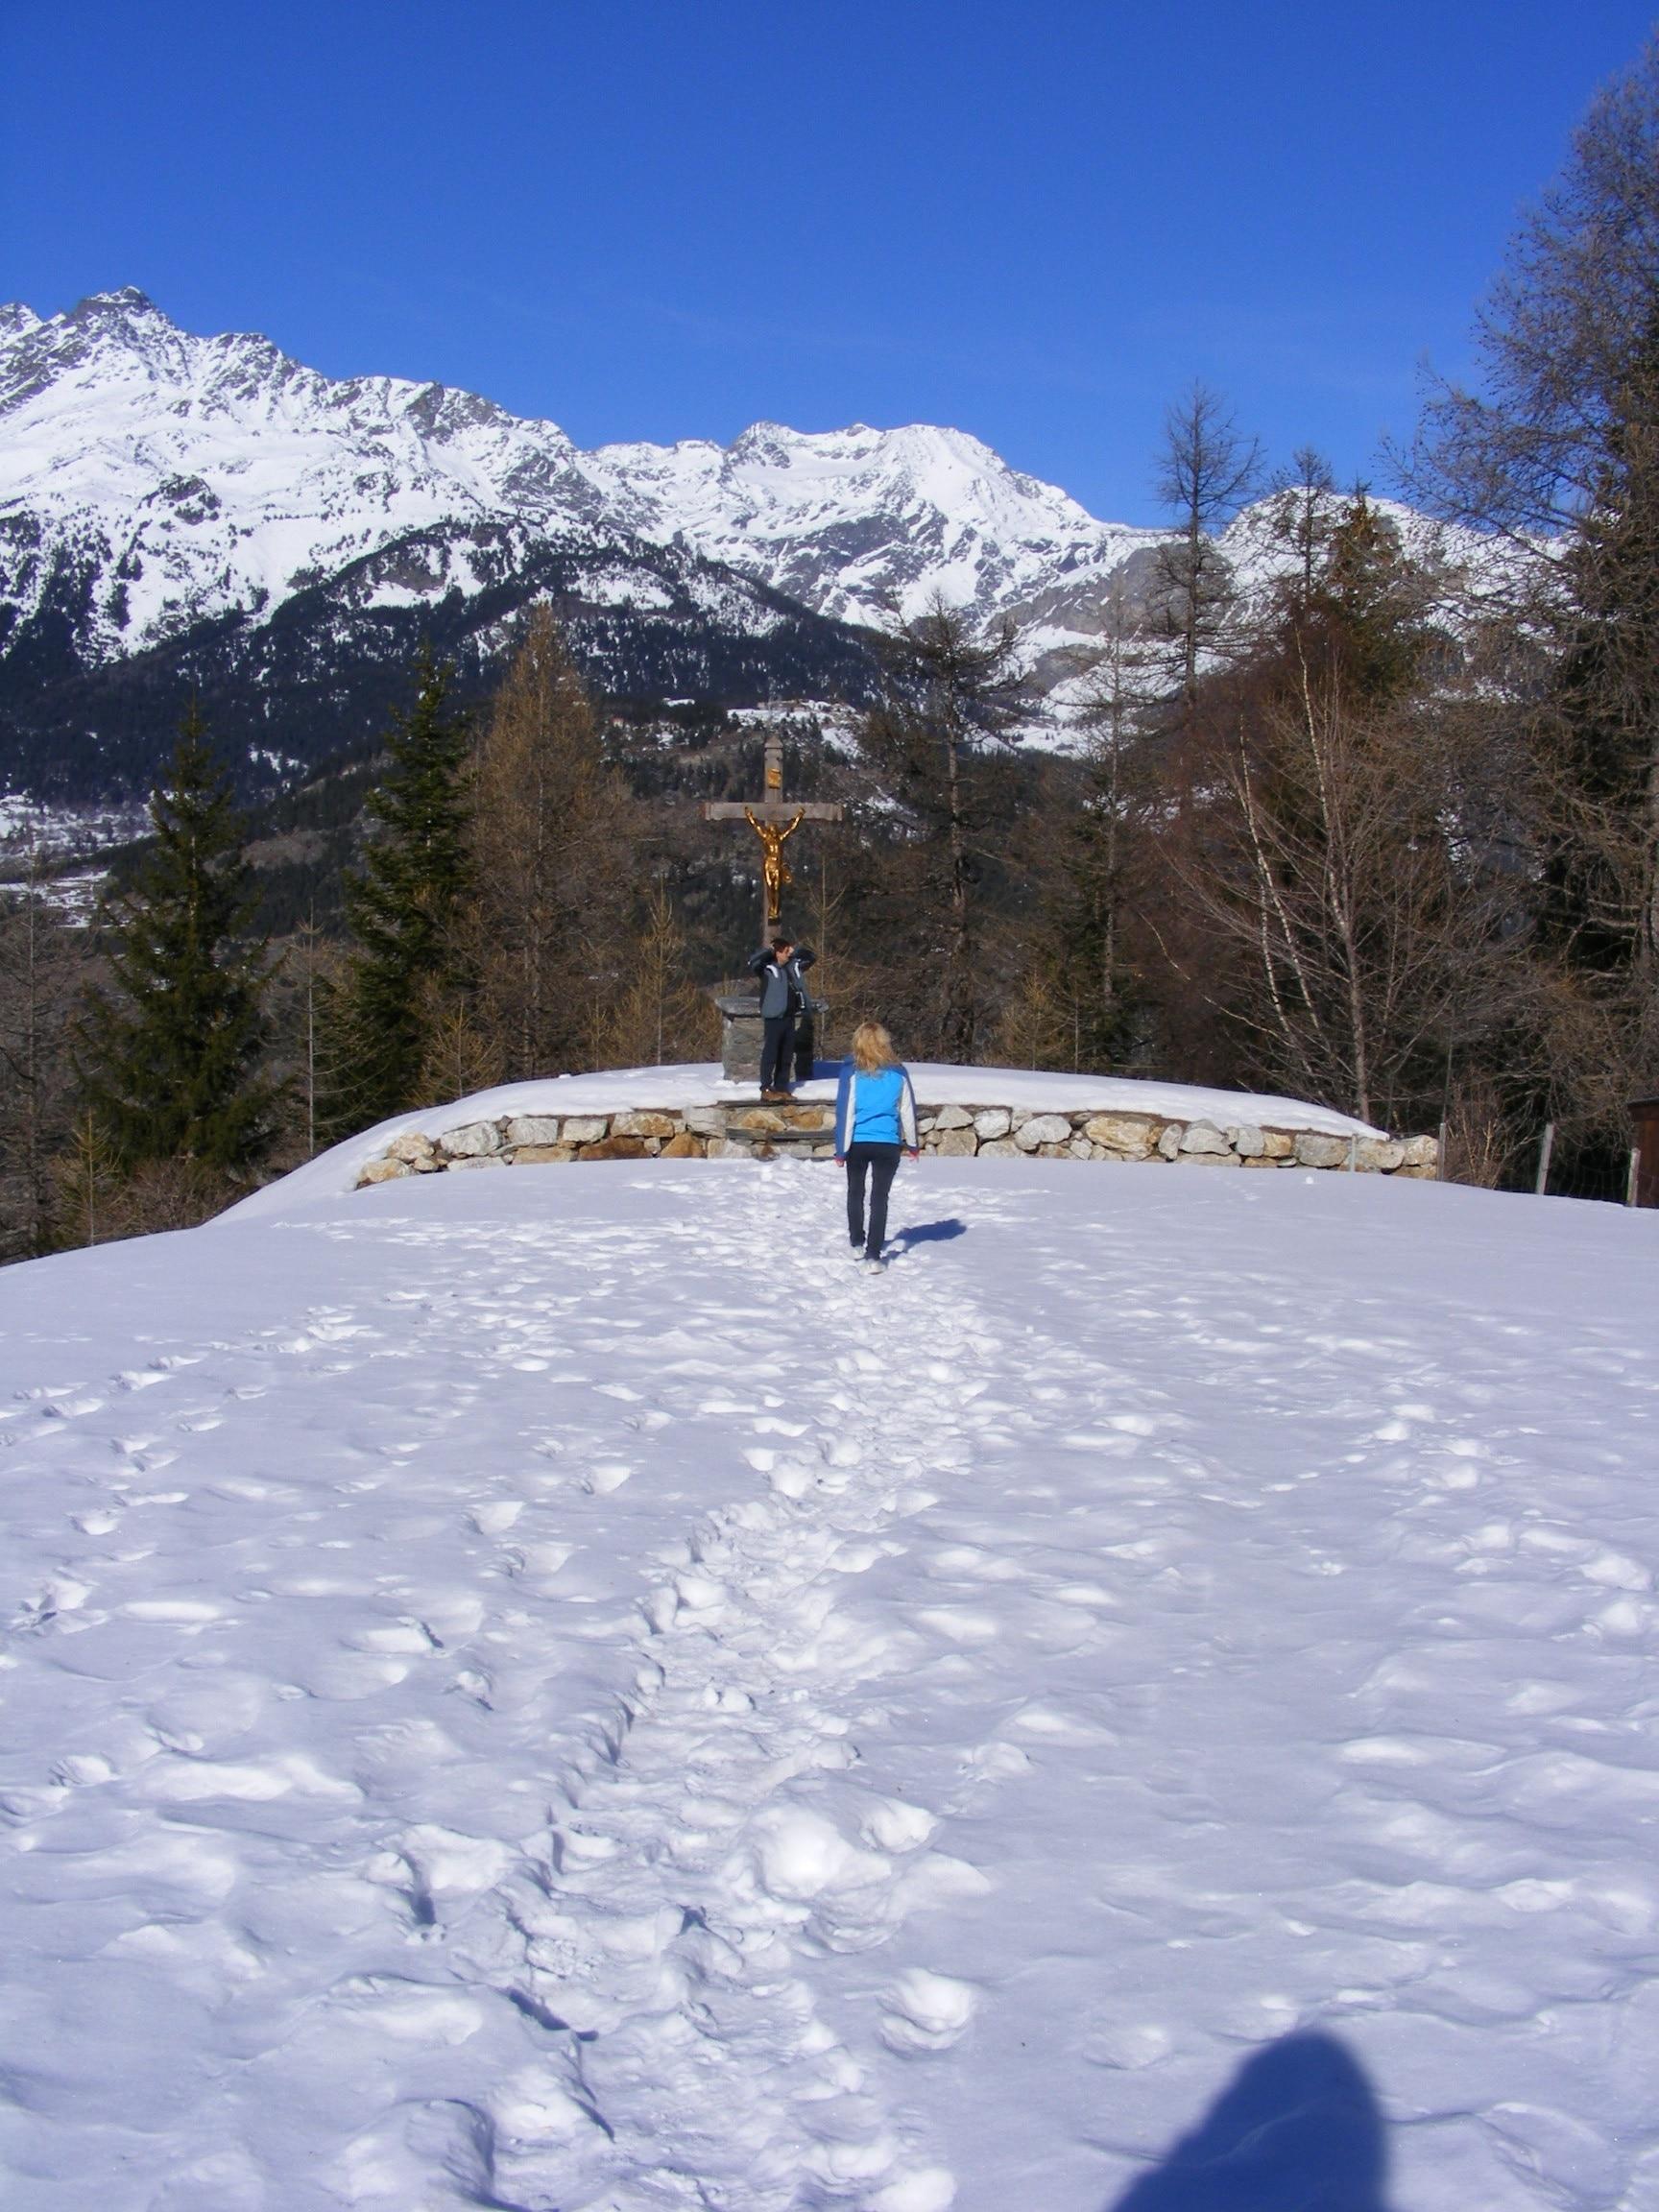 Valfréjus, Modane, Savoie (Département), Frankreich